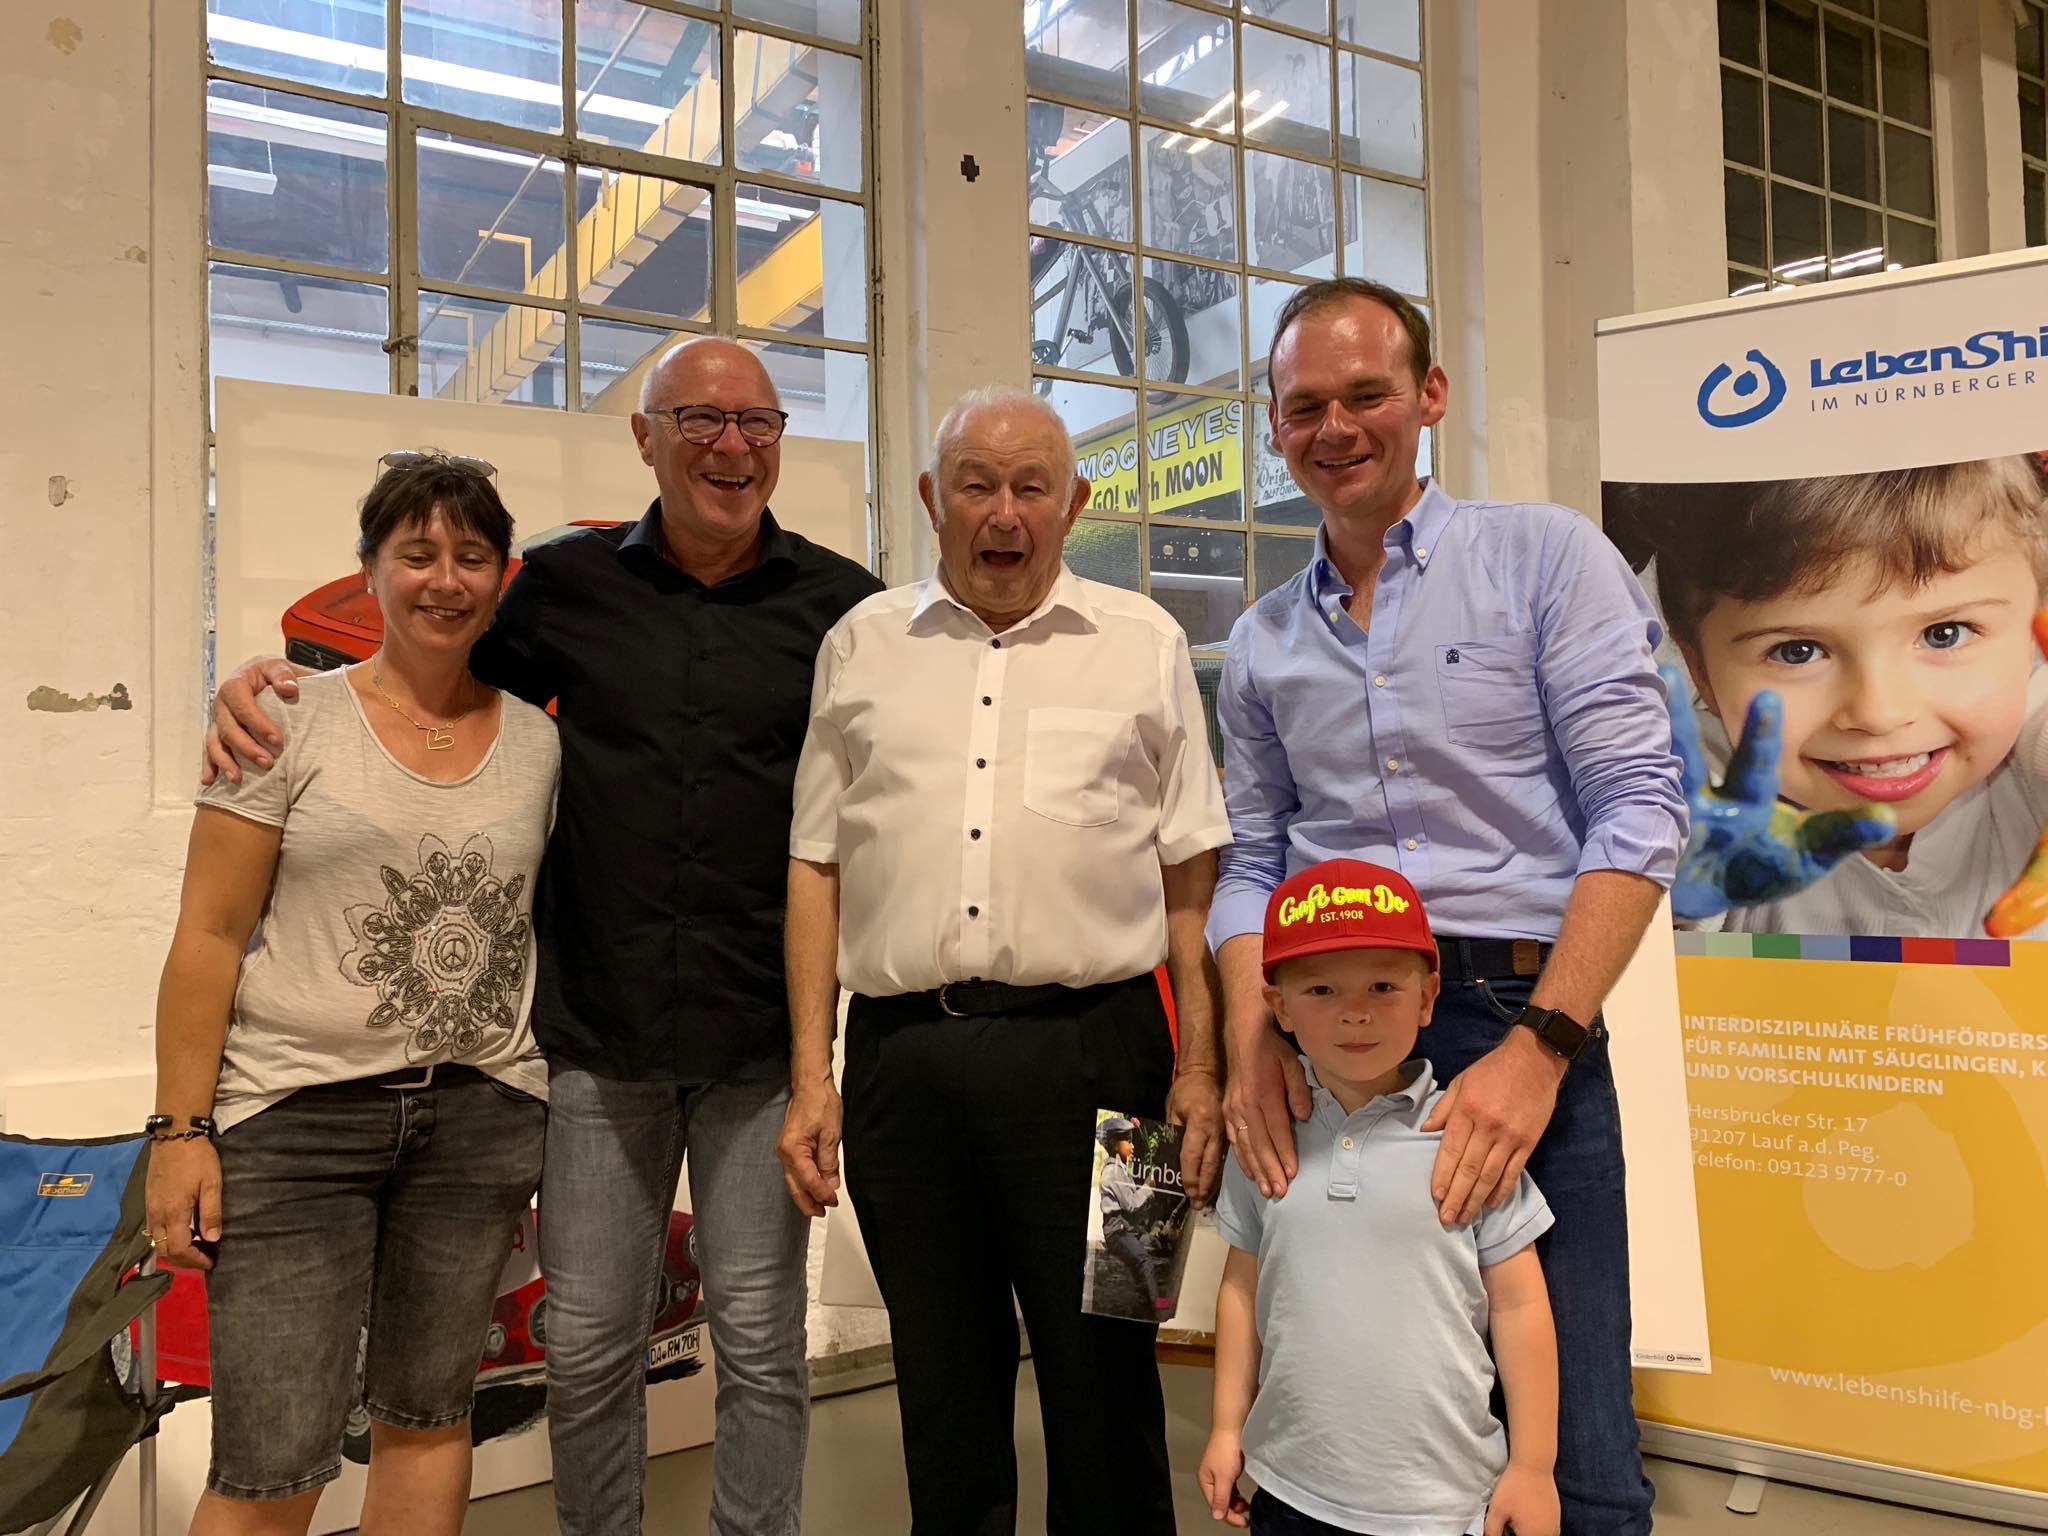 Team Frühförderung mit Stand bei der Sportwagencharity in Nürnberg, hier mit Event-Schirmherr Dr. Günther Beckstein.